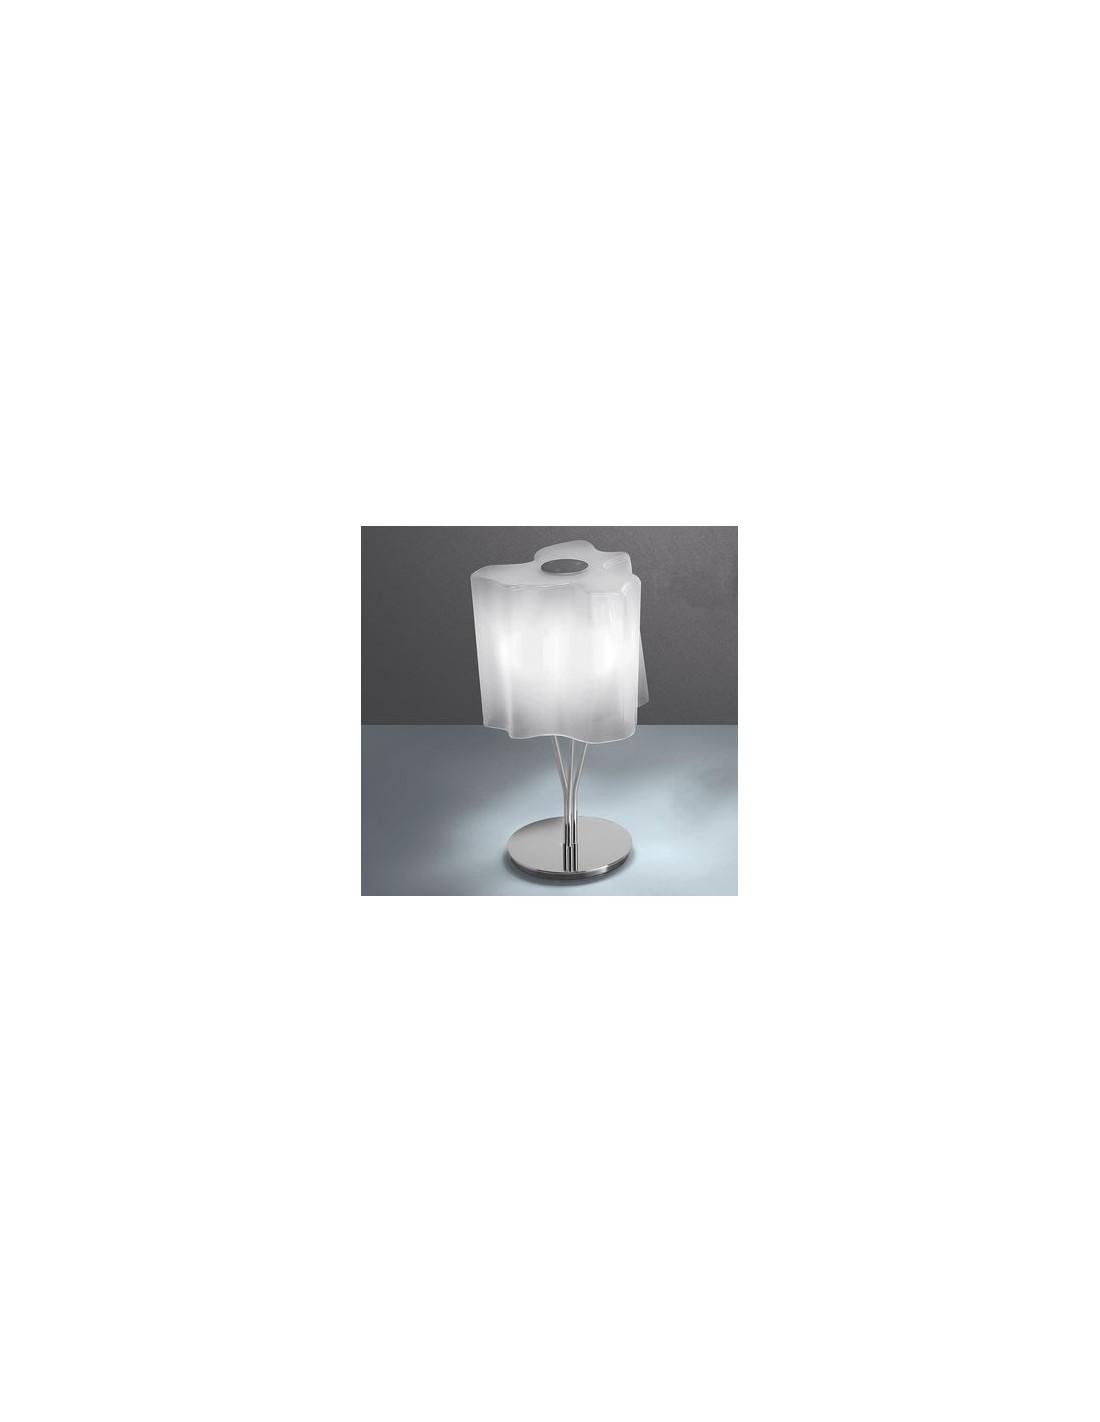 Lampe de table Logico Mini blanc Artemide - Valente Design